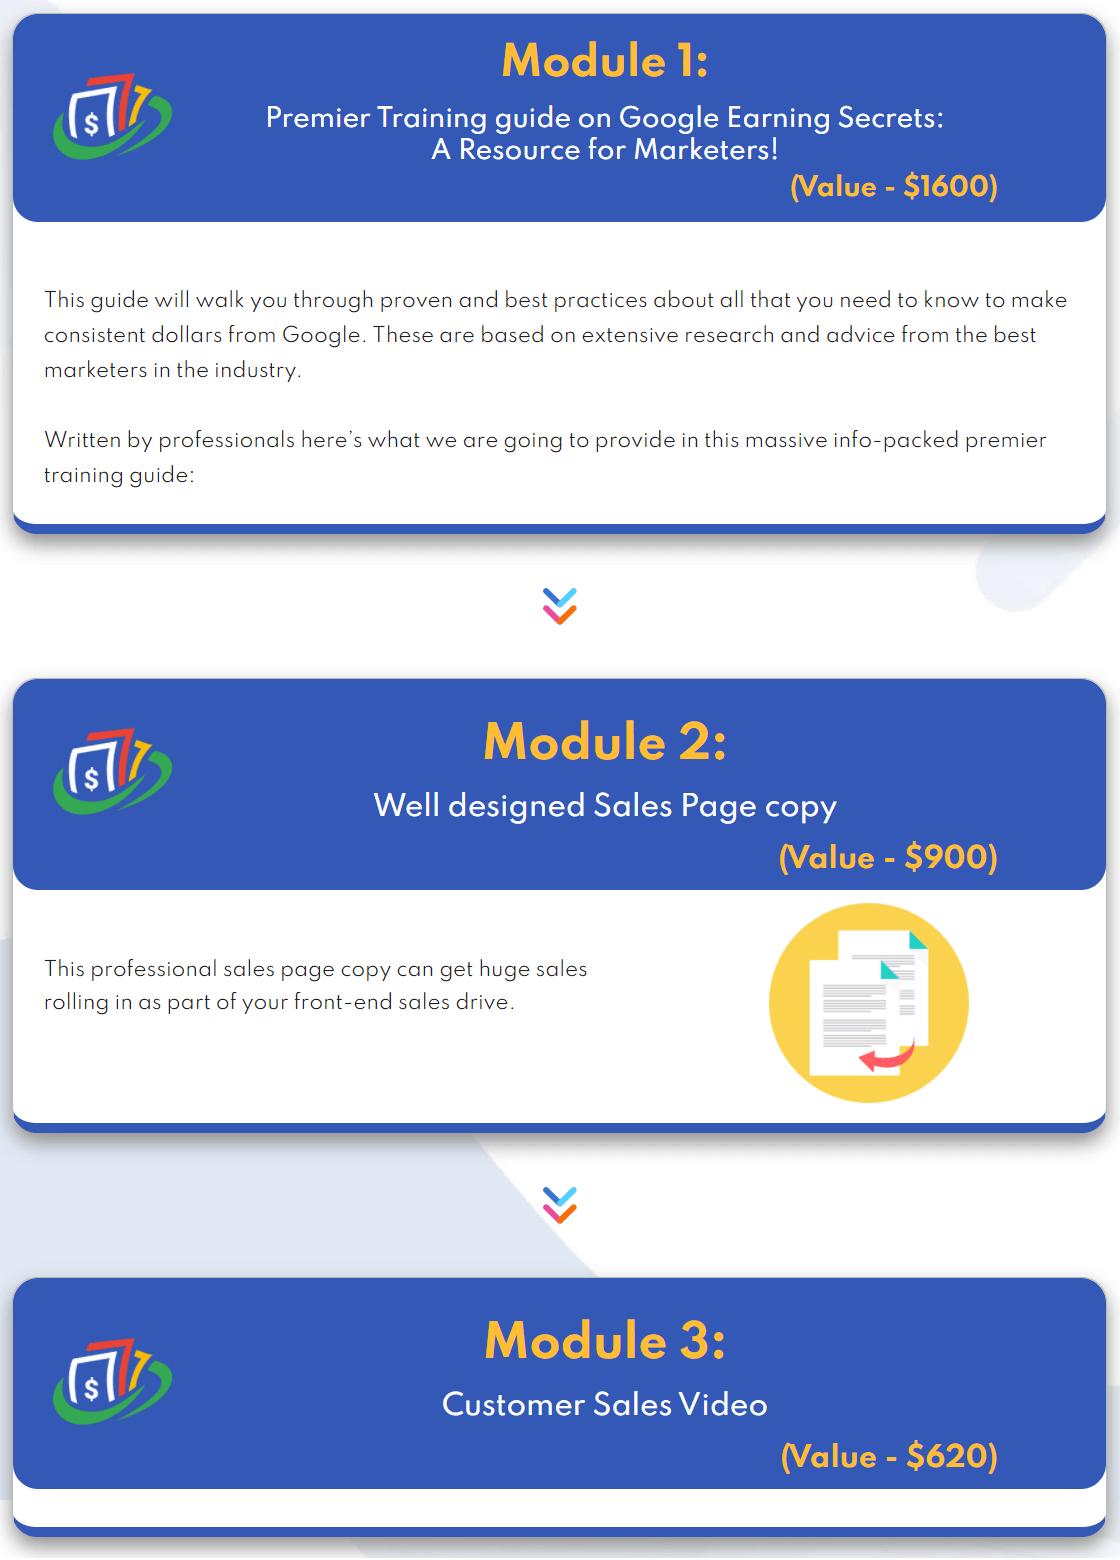 PLR-Google-Earning-Secrets-feature-1